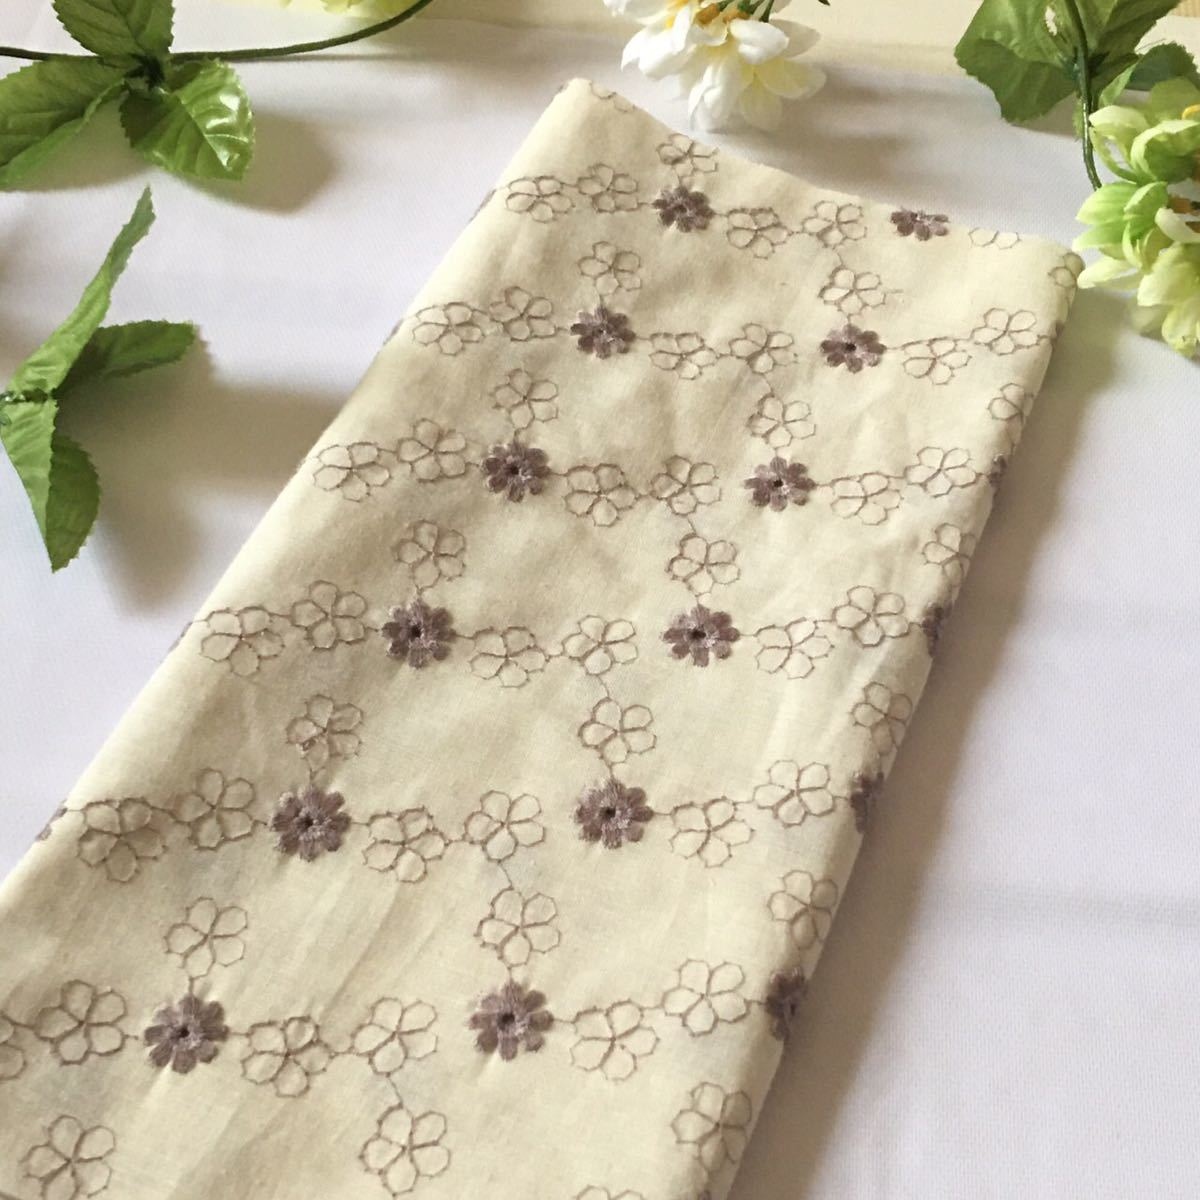 小花刺繍コットンレース生地 刺繍レース 刺繍生地 マーガレット ハギレ